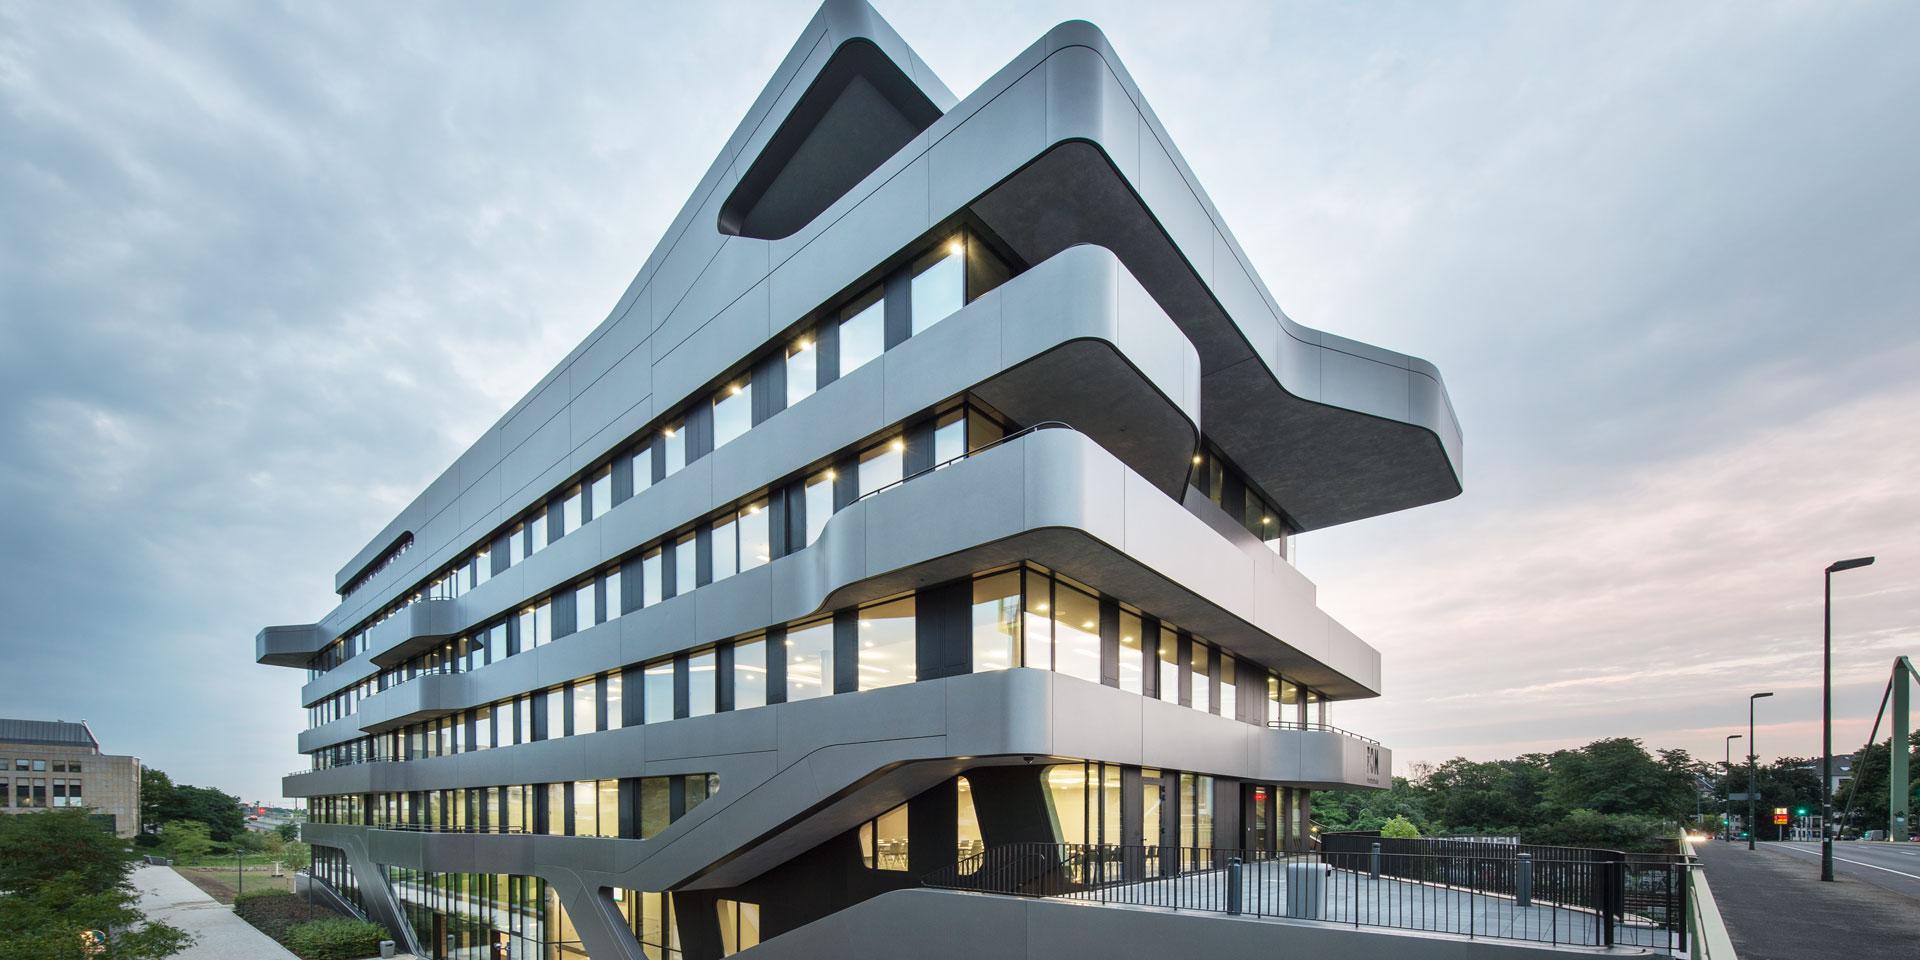 Außenansicht der Hochschule FOM Düsseldorf von J. MAYER H. und Partner, Architekten aus Berlin mit gebogenen Fassadenblechen in Duraflon Eisenglimmer VN 6579-4